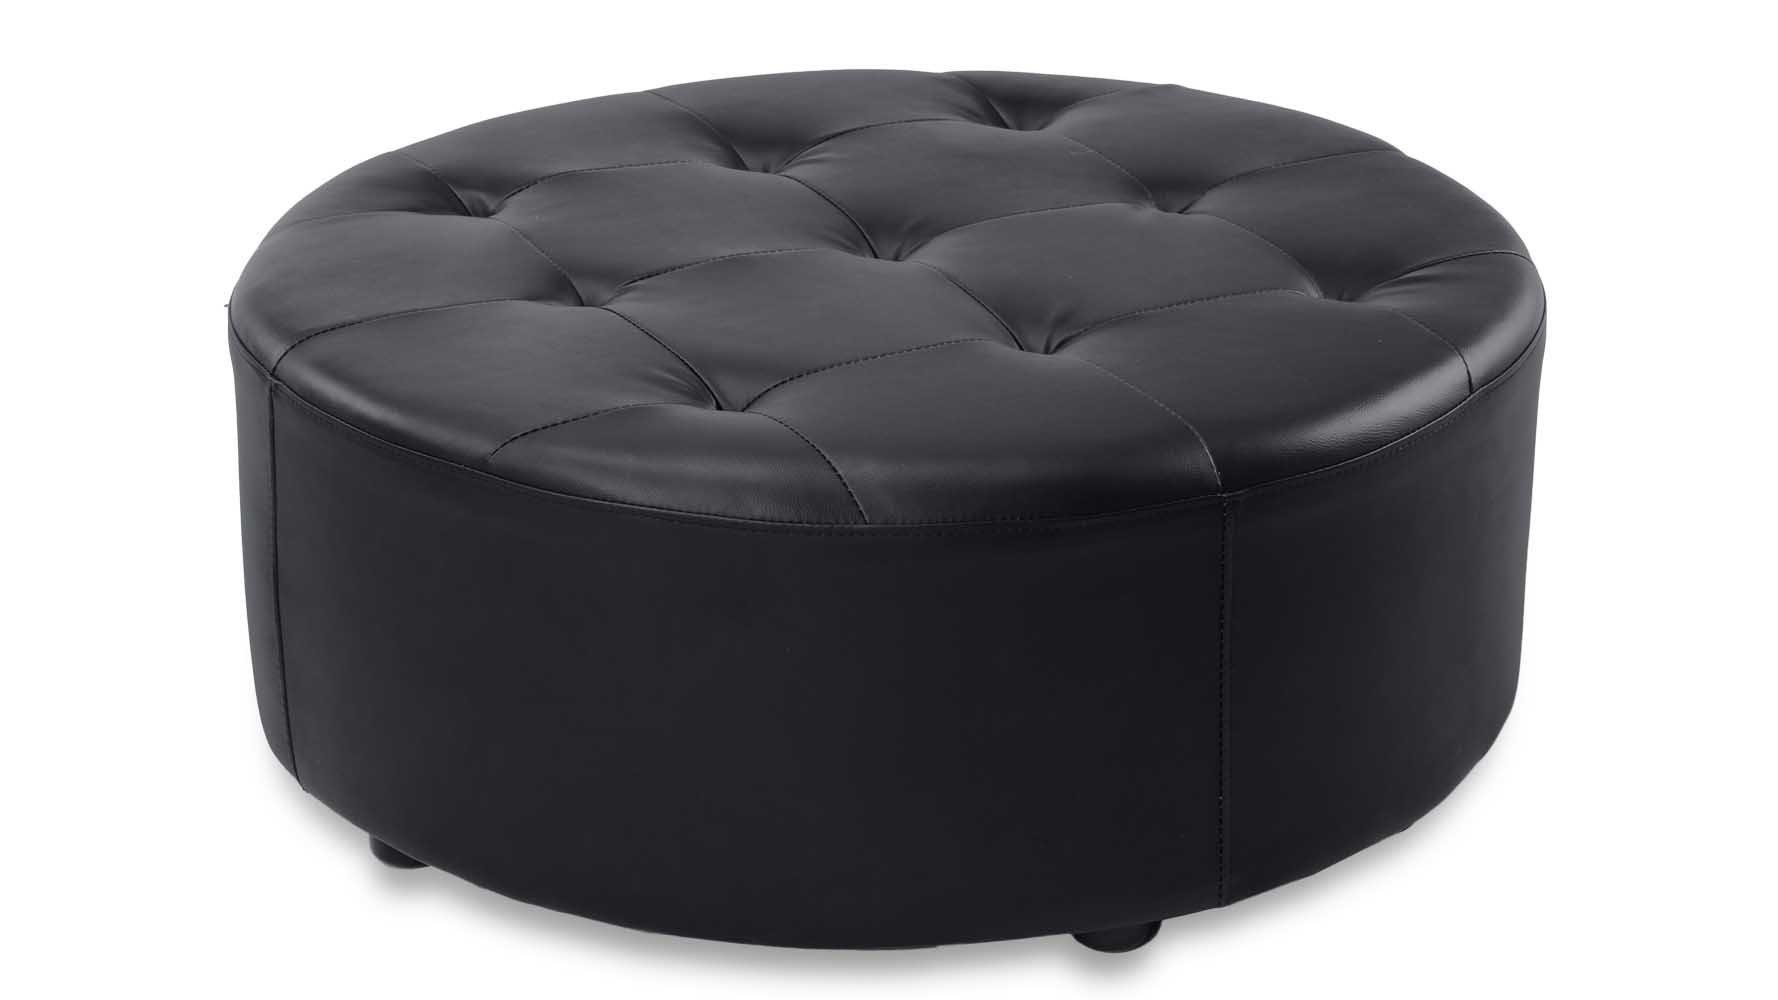 Lock Round Modern Tufted Ottoman - Black